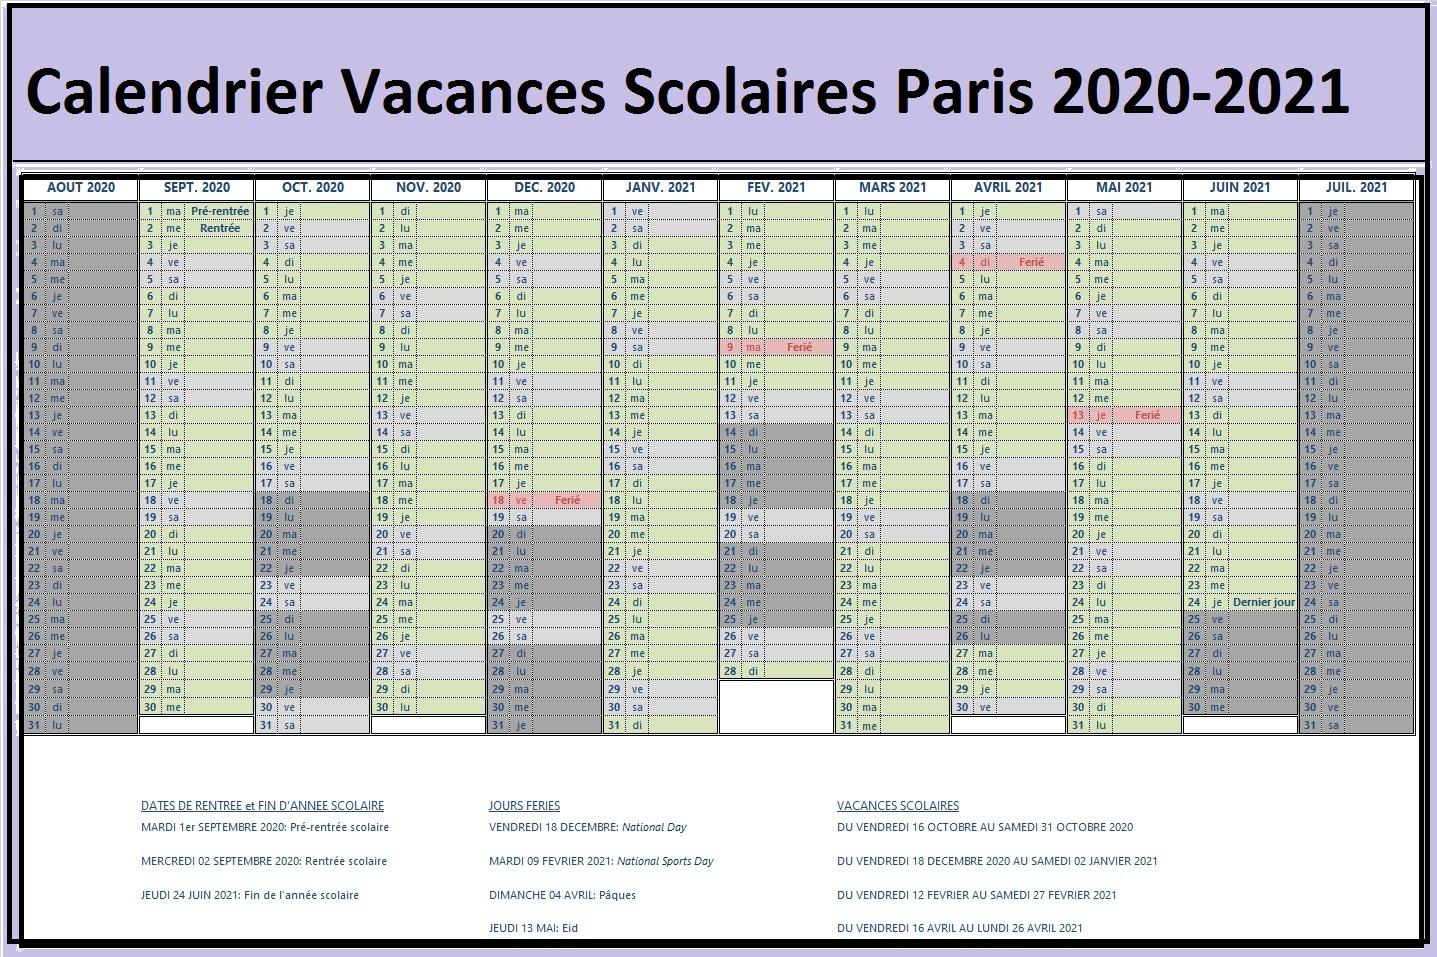 Vacances Scolaires 2019 et 2020 Paris